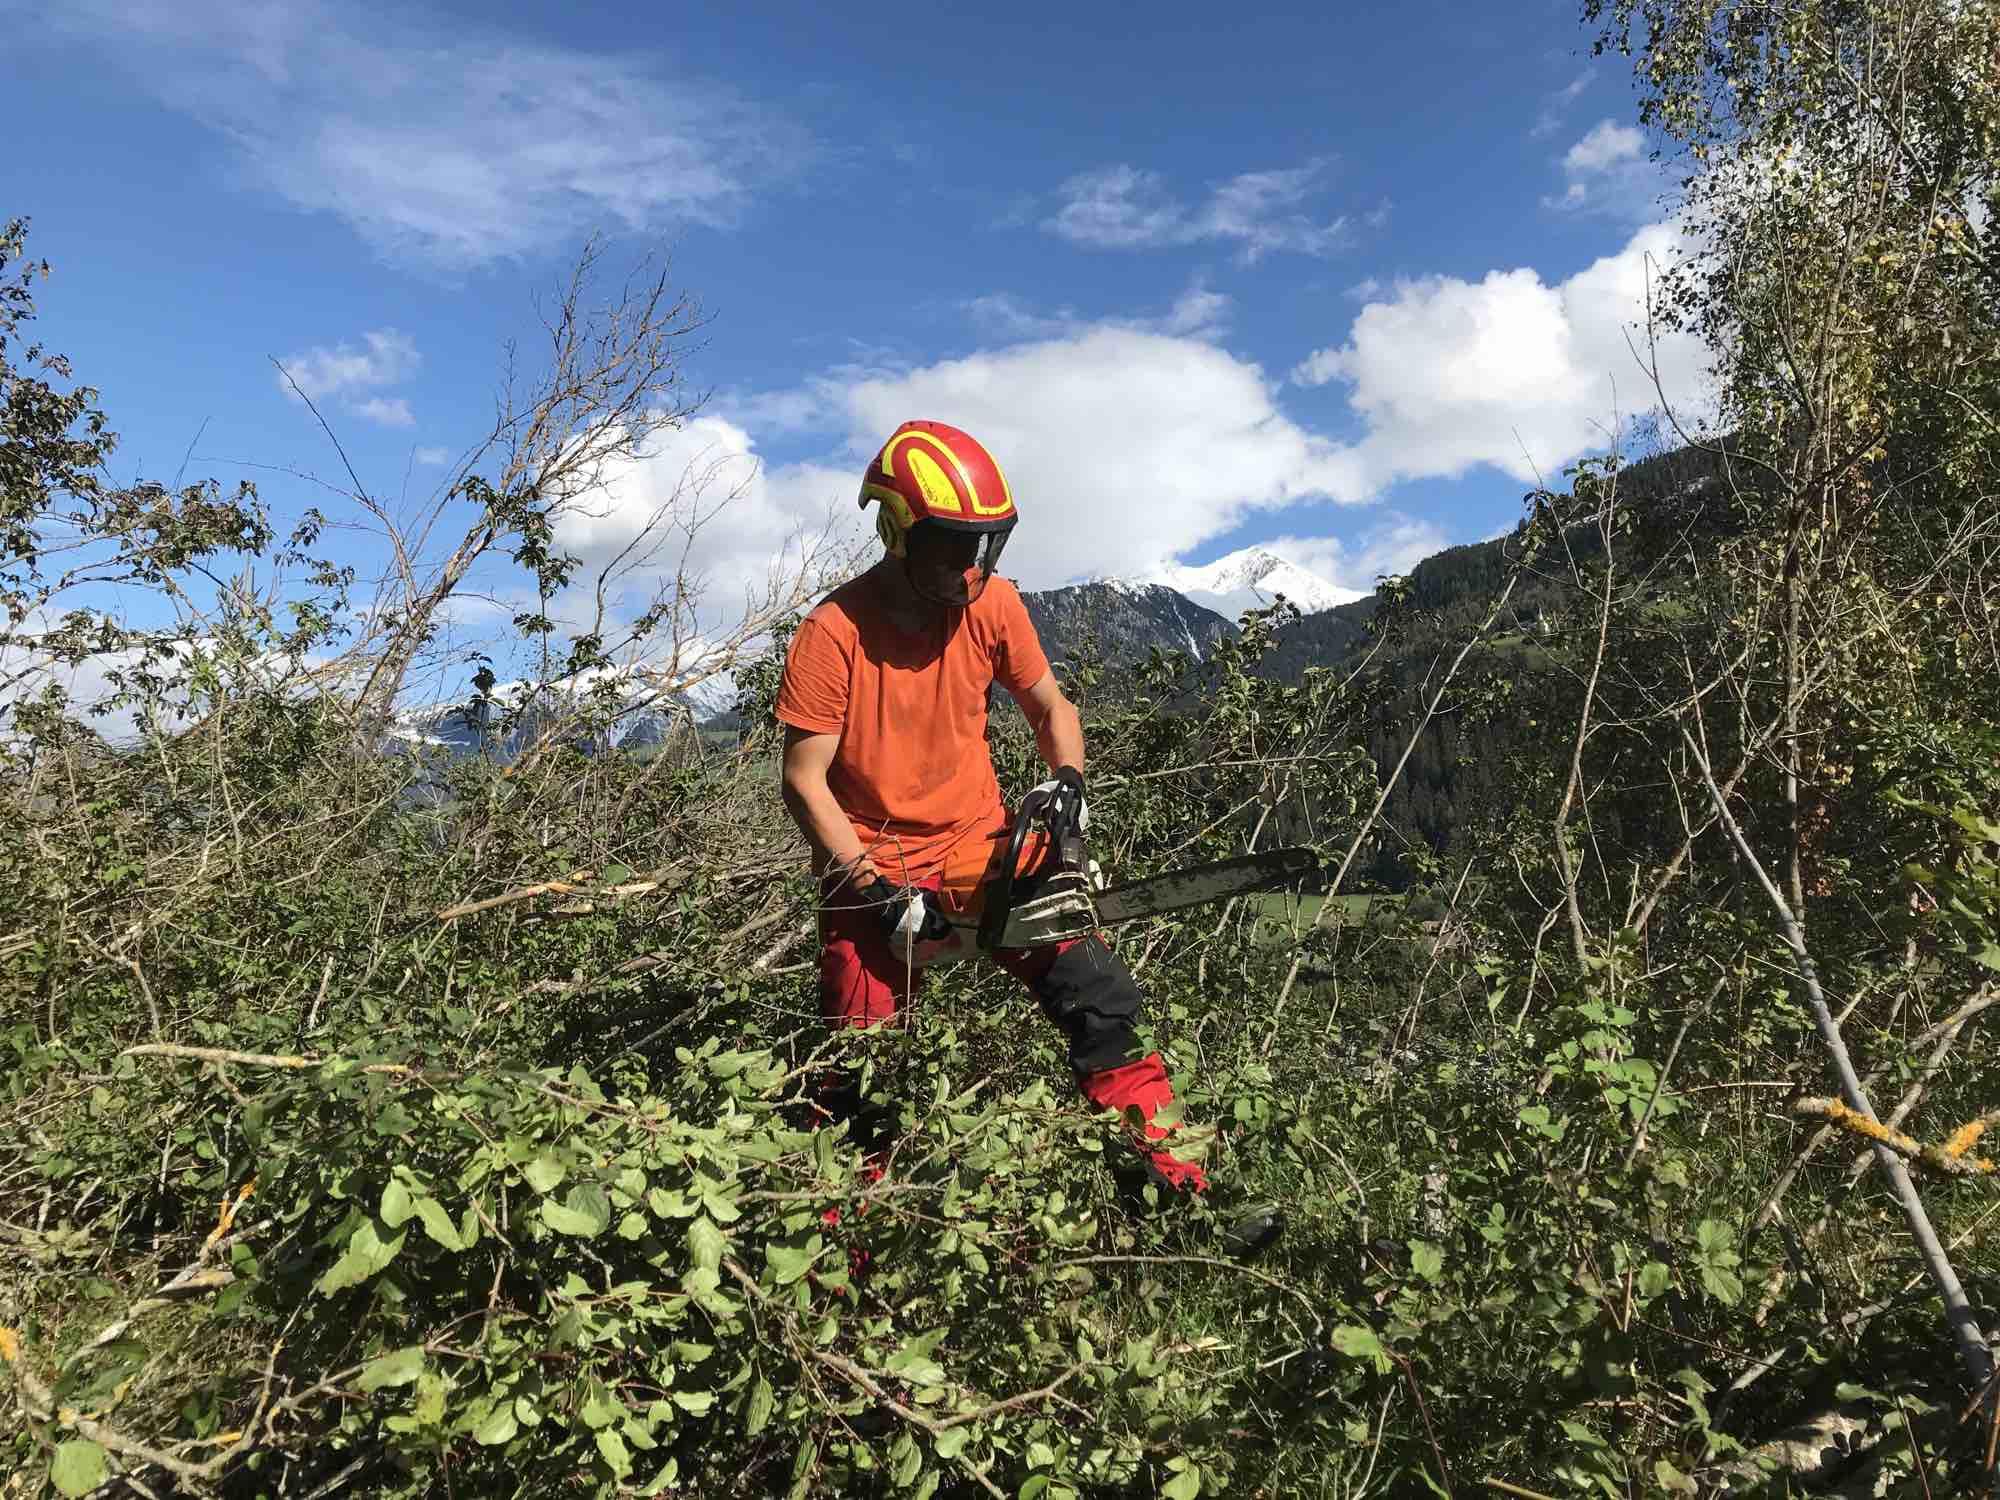 Biotoppflege im Berggebiet – Jungprofis und Praktikanden gesucht